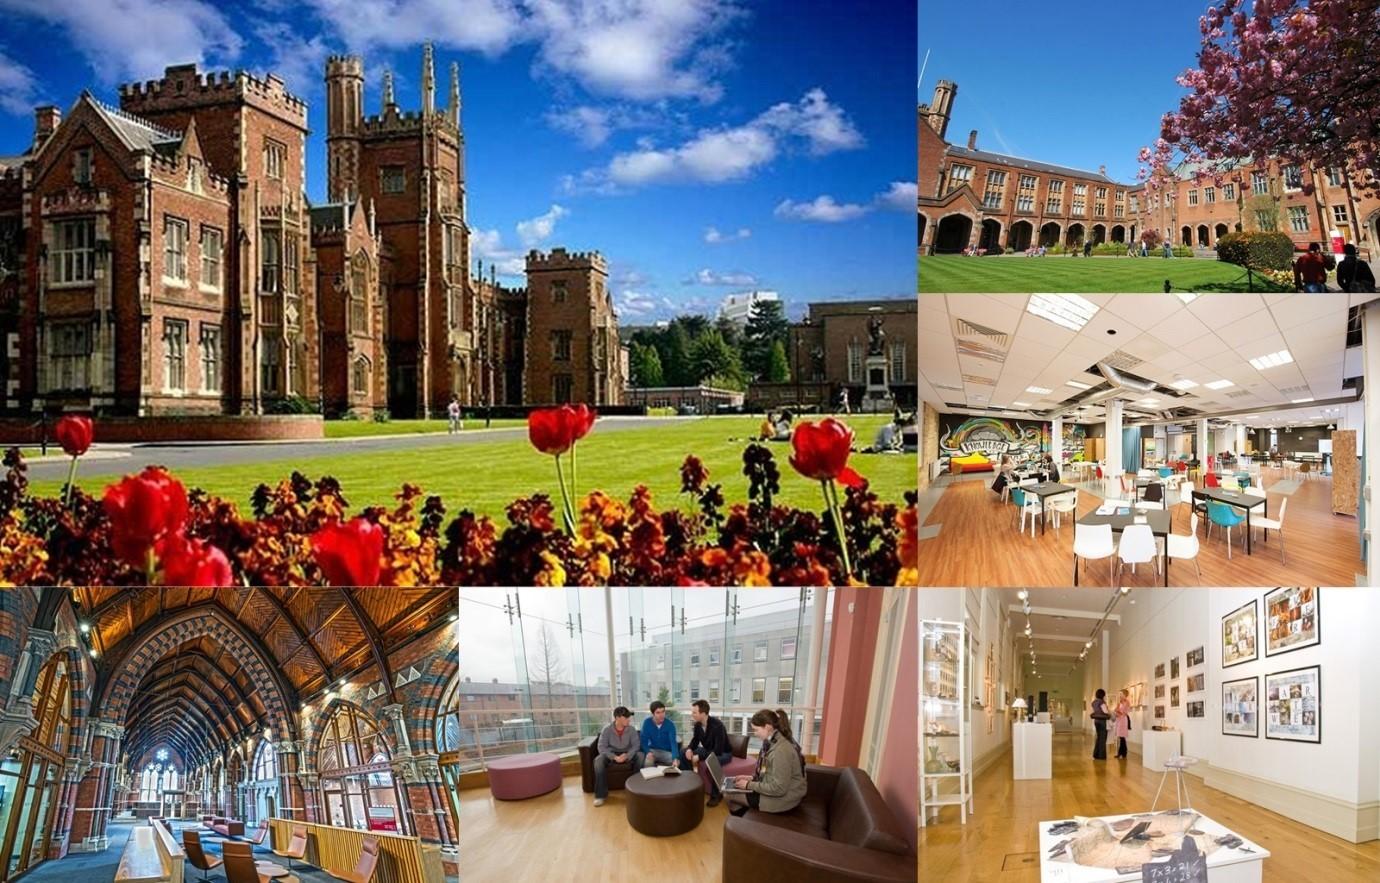 Du học Anh ngành Kiến trúc cùng một trong những trường Đại học đẹp nhất UK